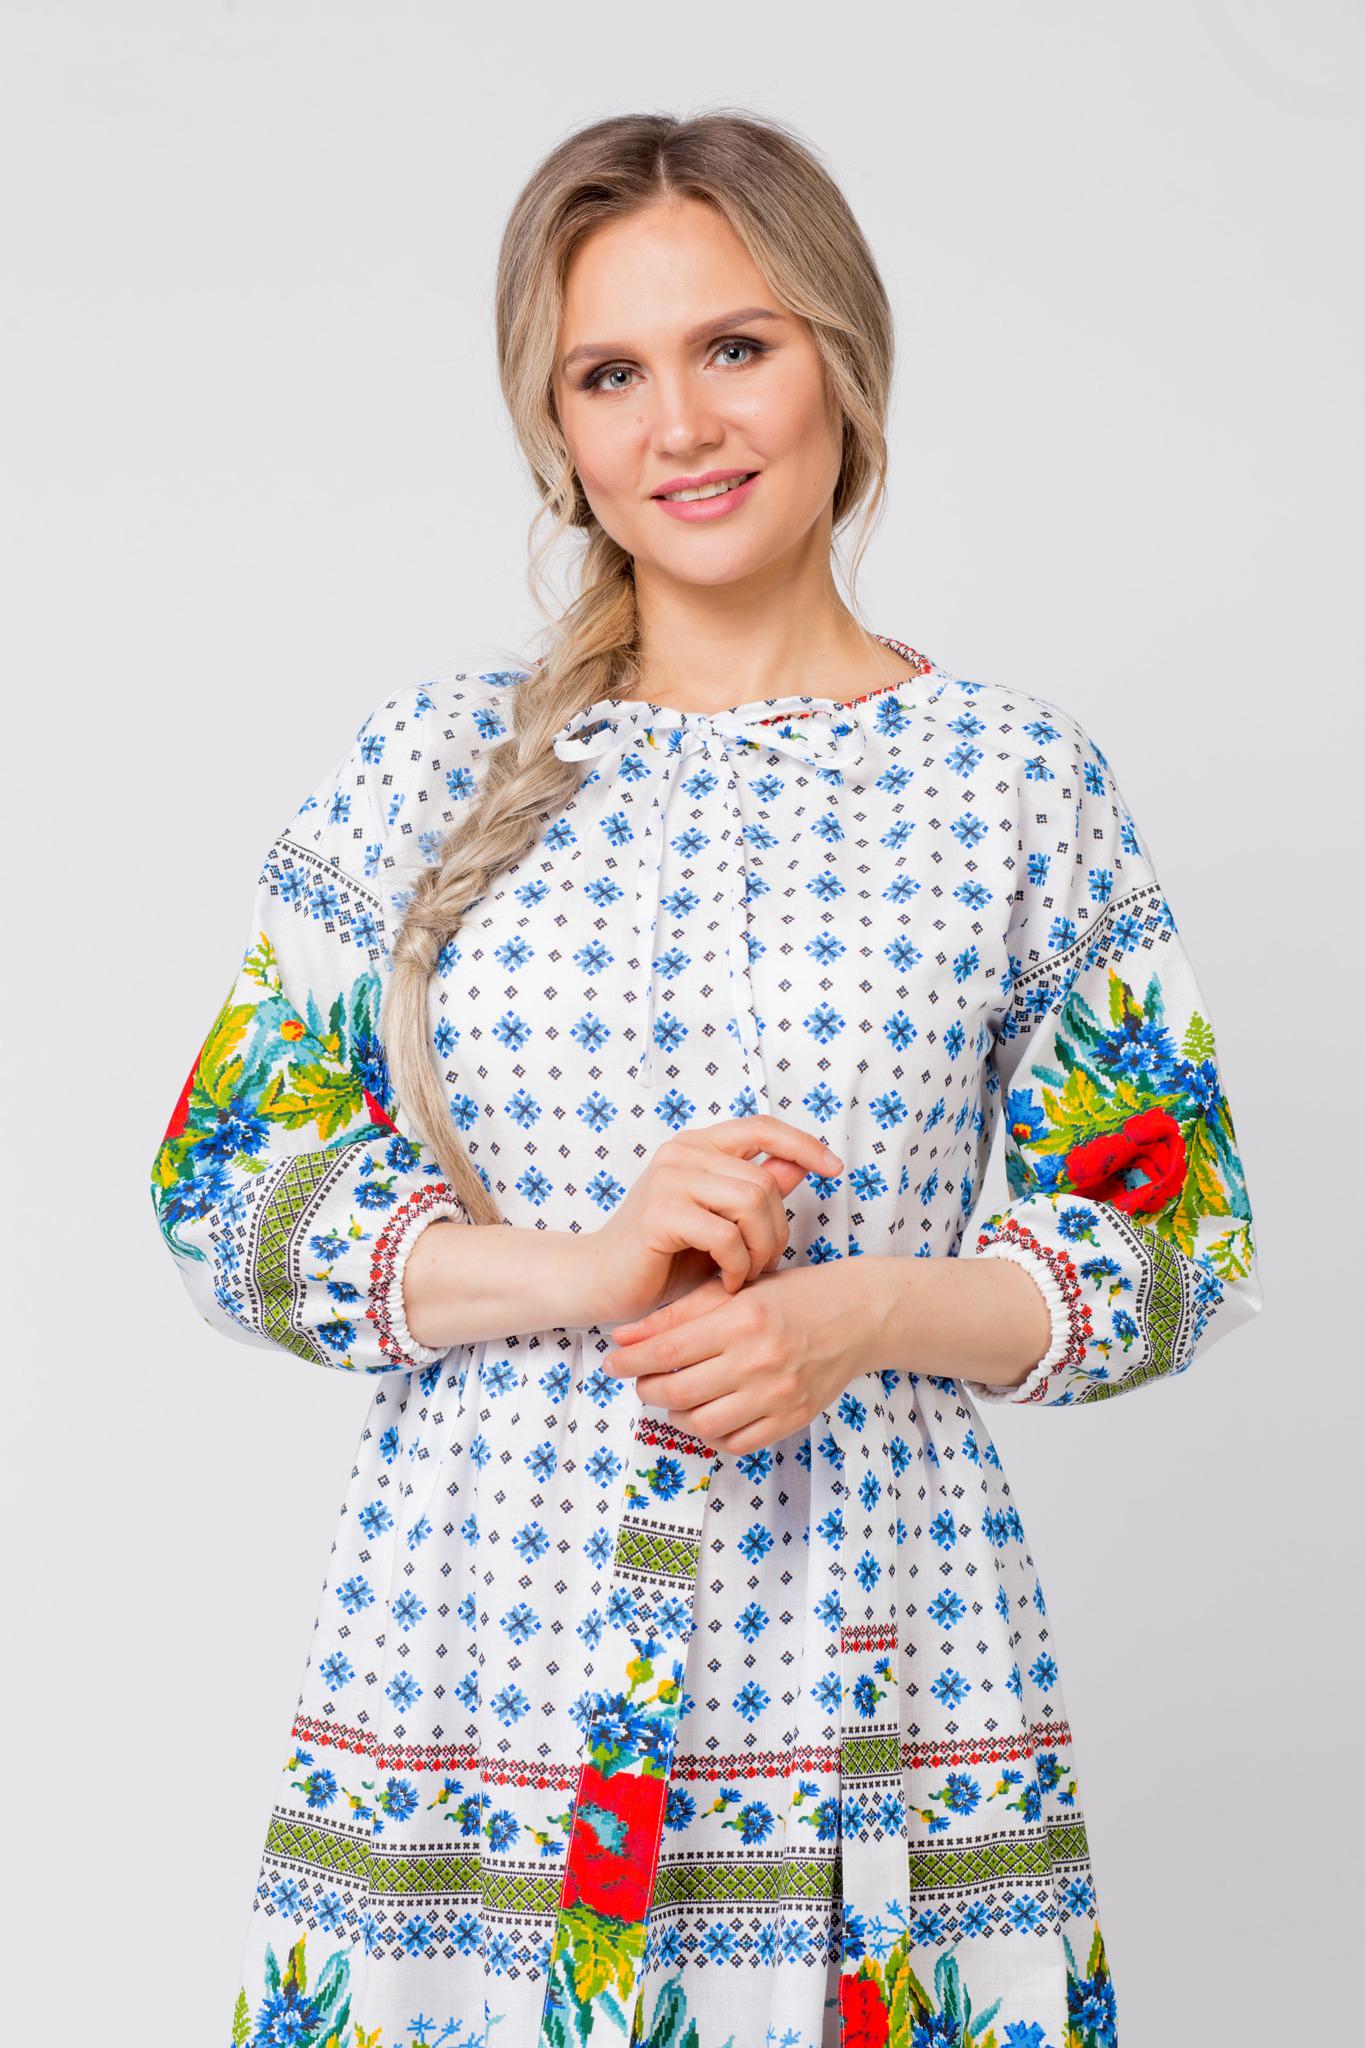 Платье льняное Маки-васильки приближенный фрагмент